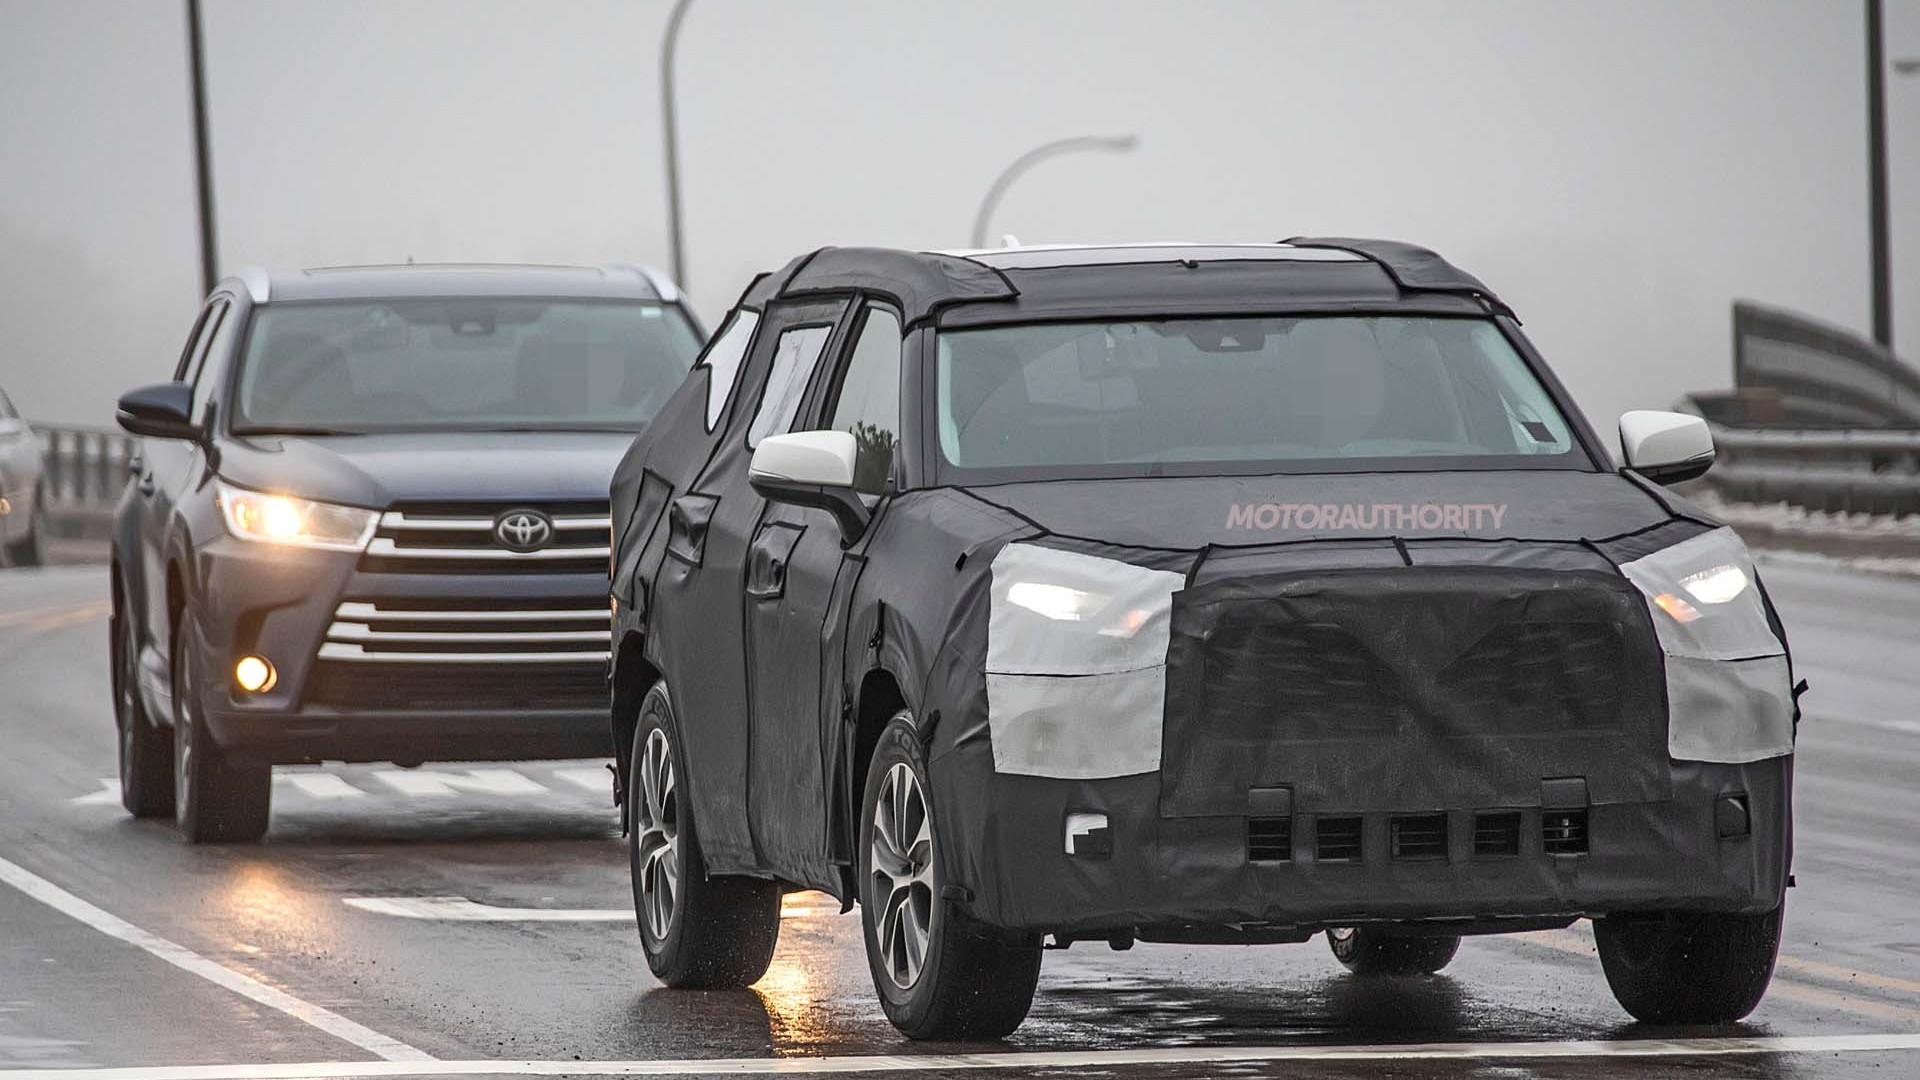 2020 Toyota Highlander spy shots